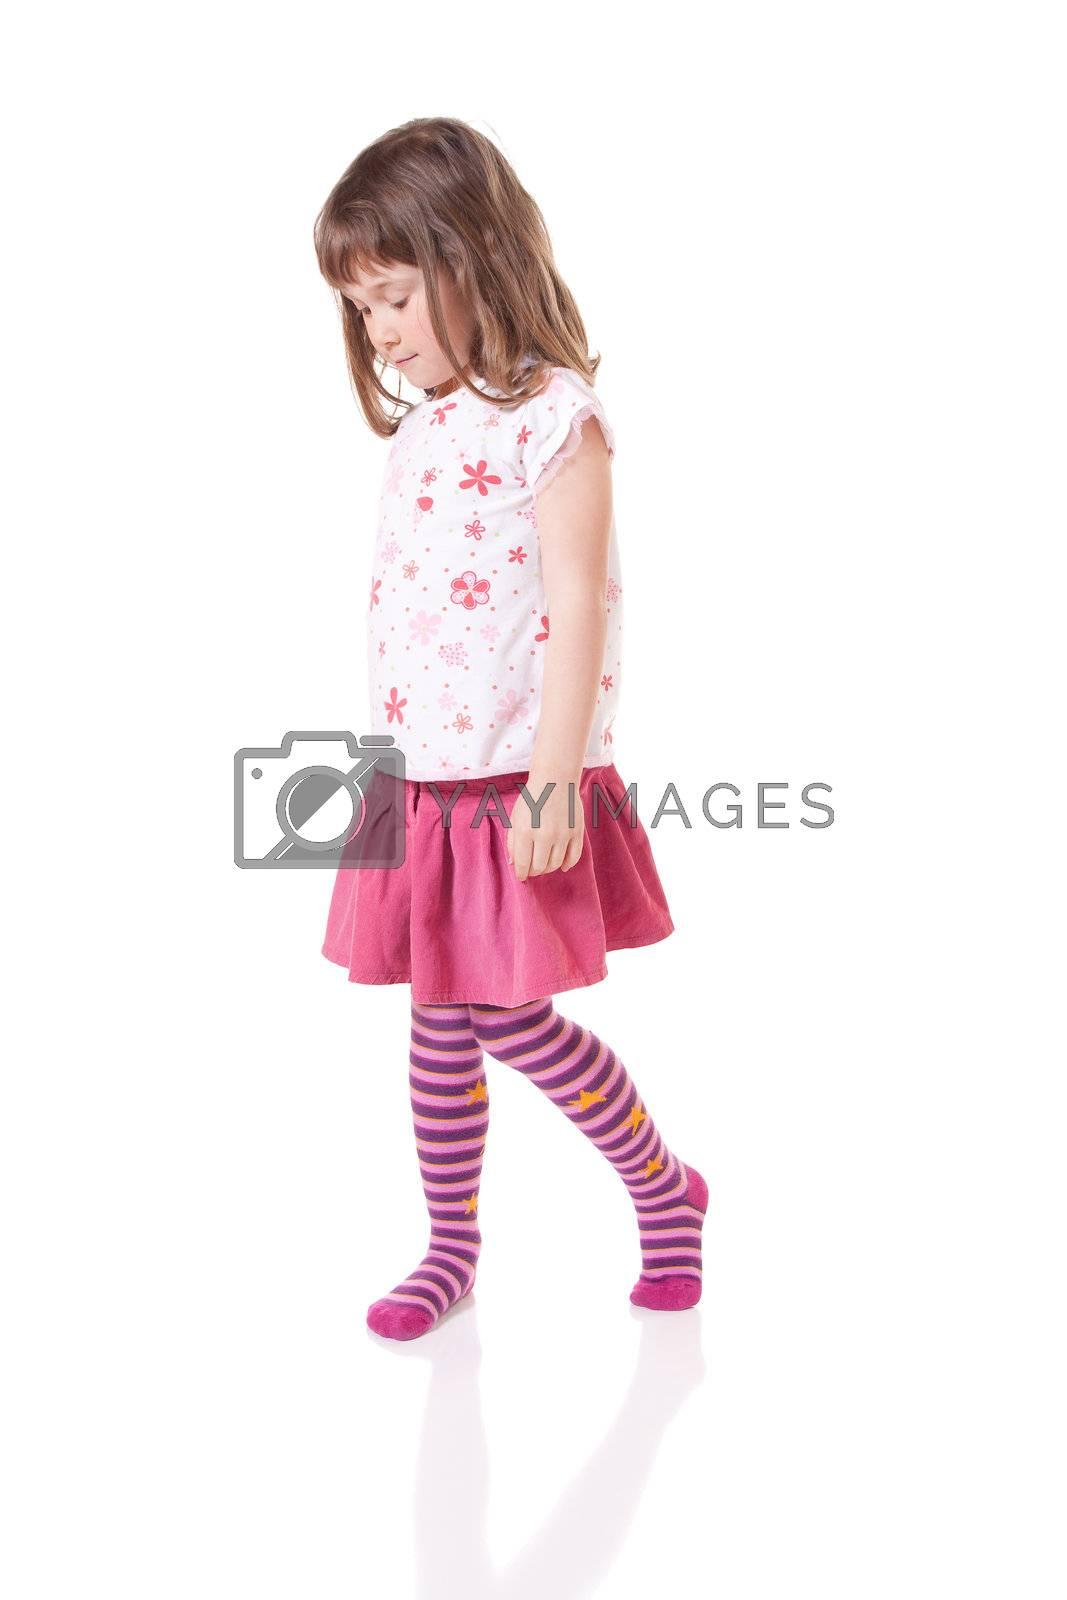 Cute little girl looking shy